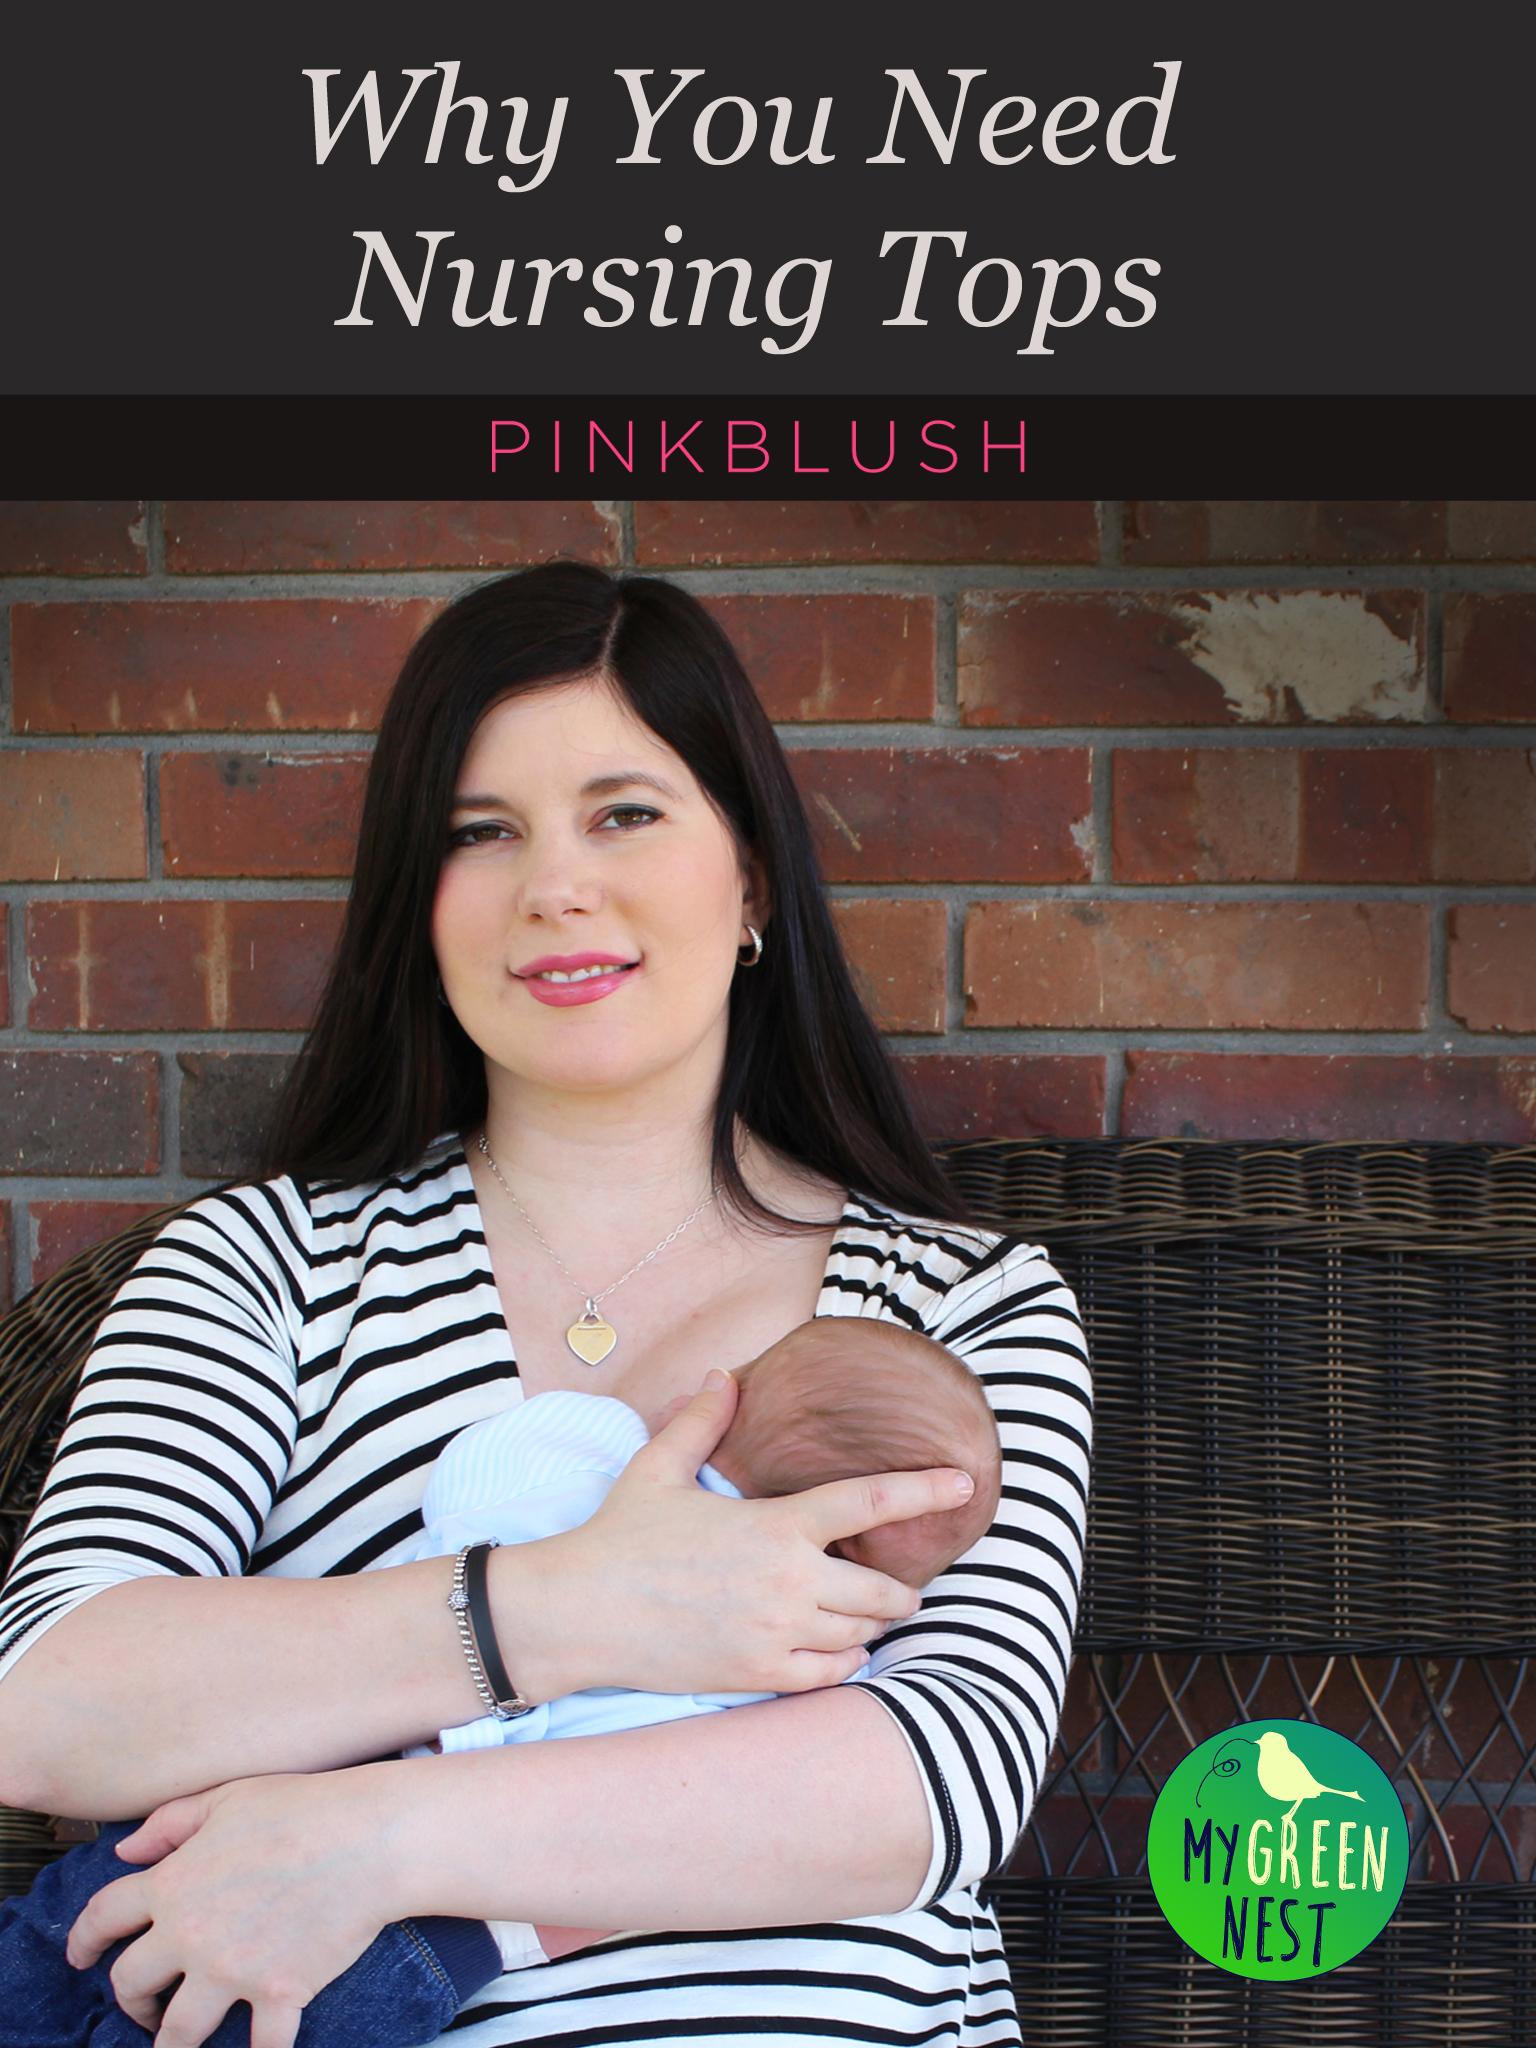 Nursing Tops